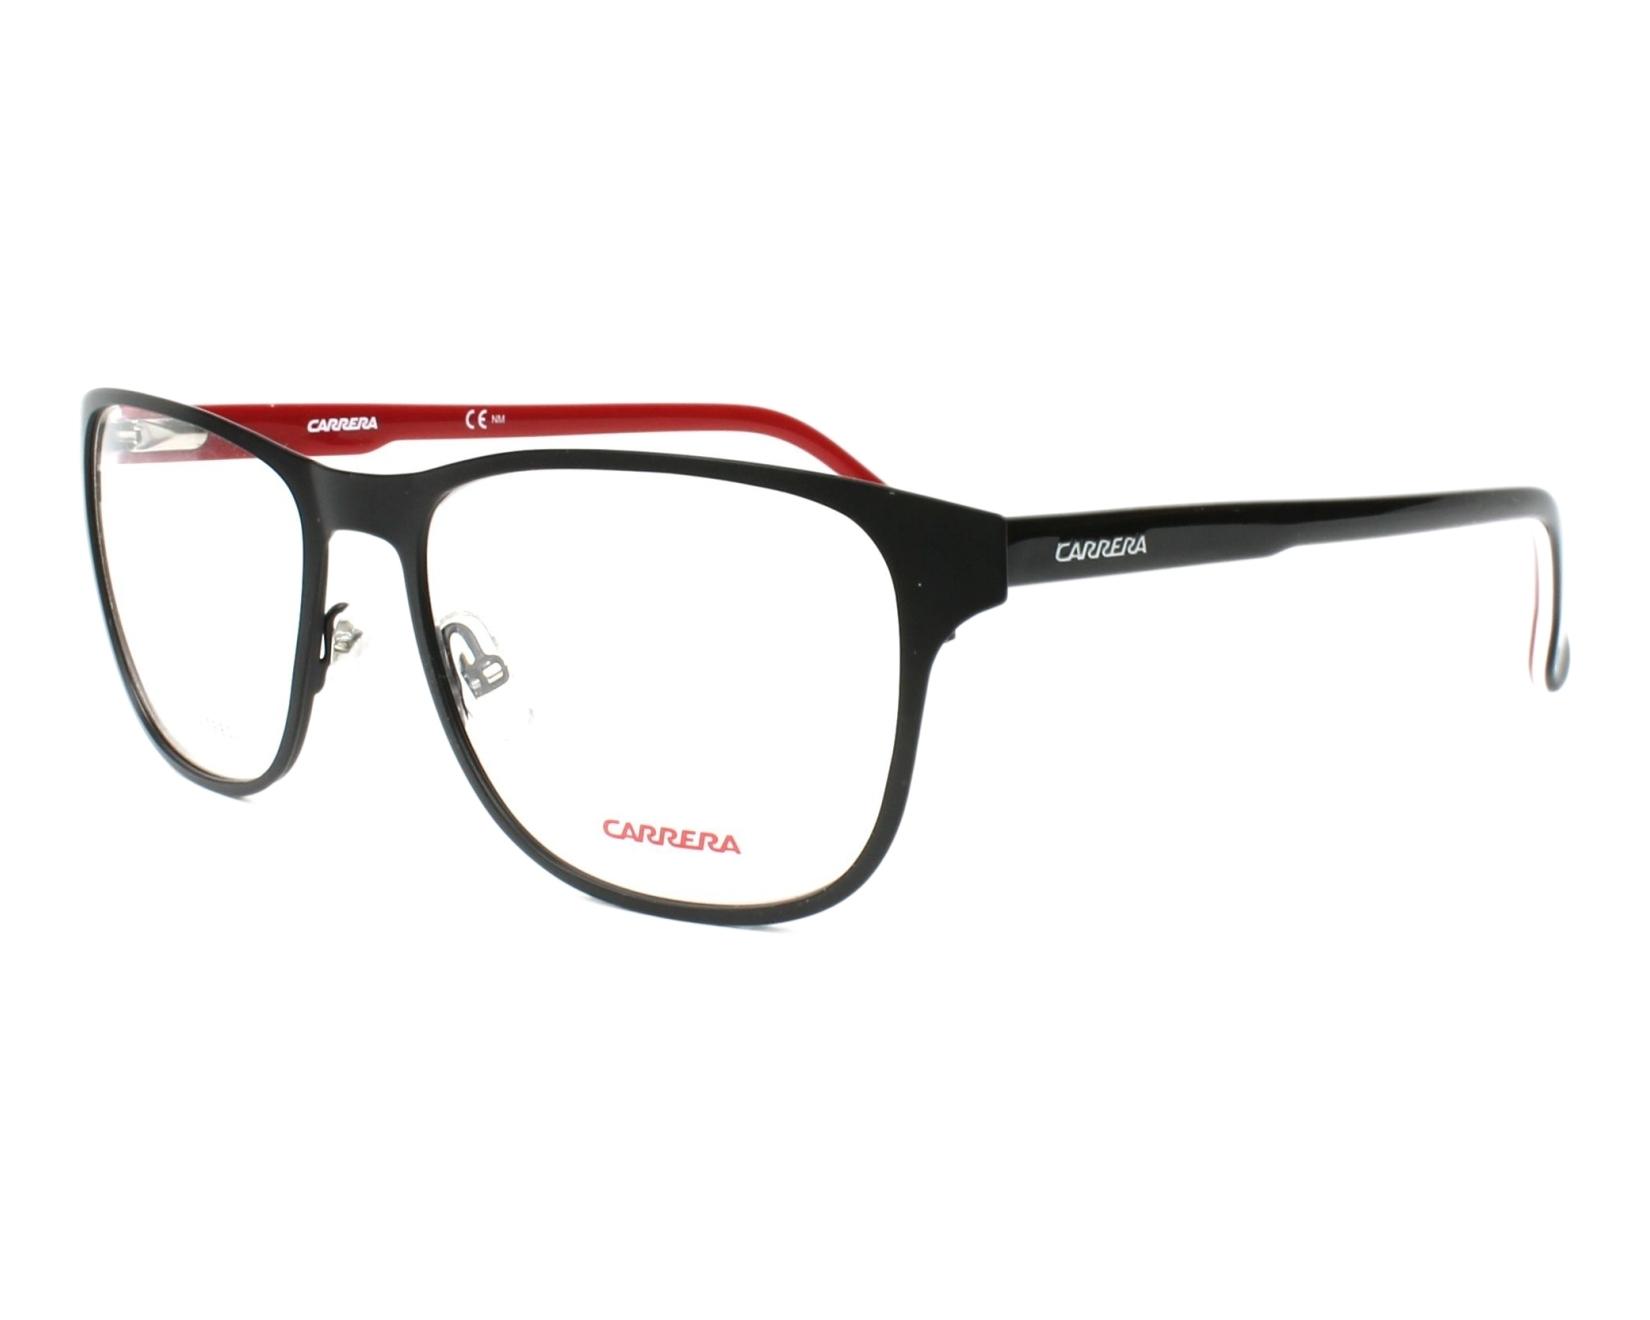 Carrera Eyeglasses 1104-V 003 Black - Visionet UK